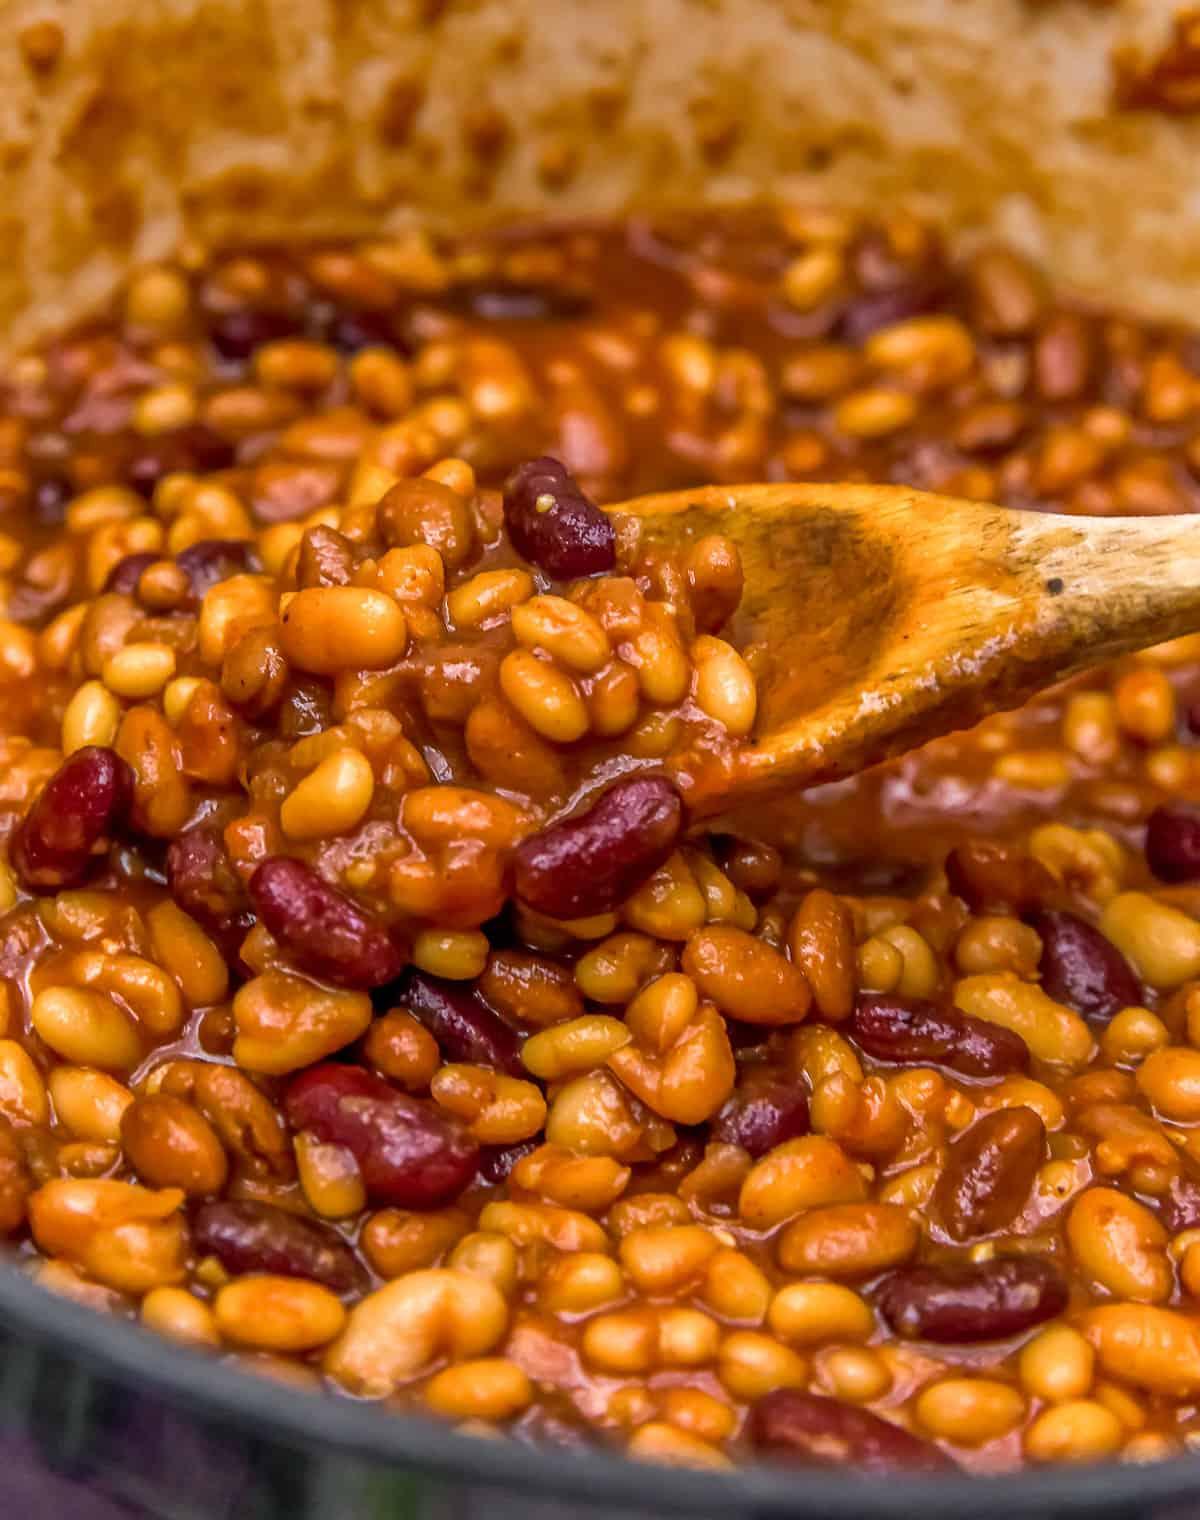 Serving Vegan Baked Beans